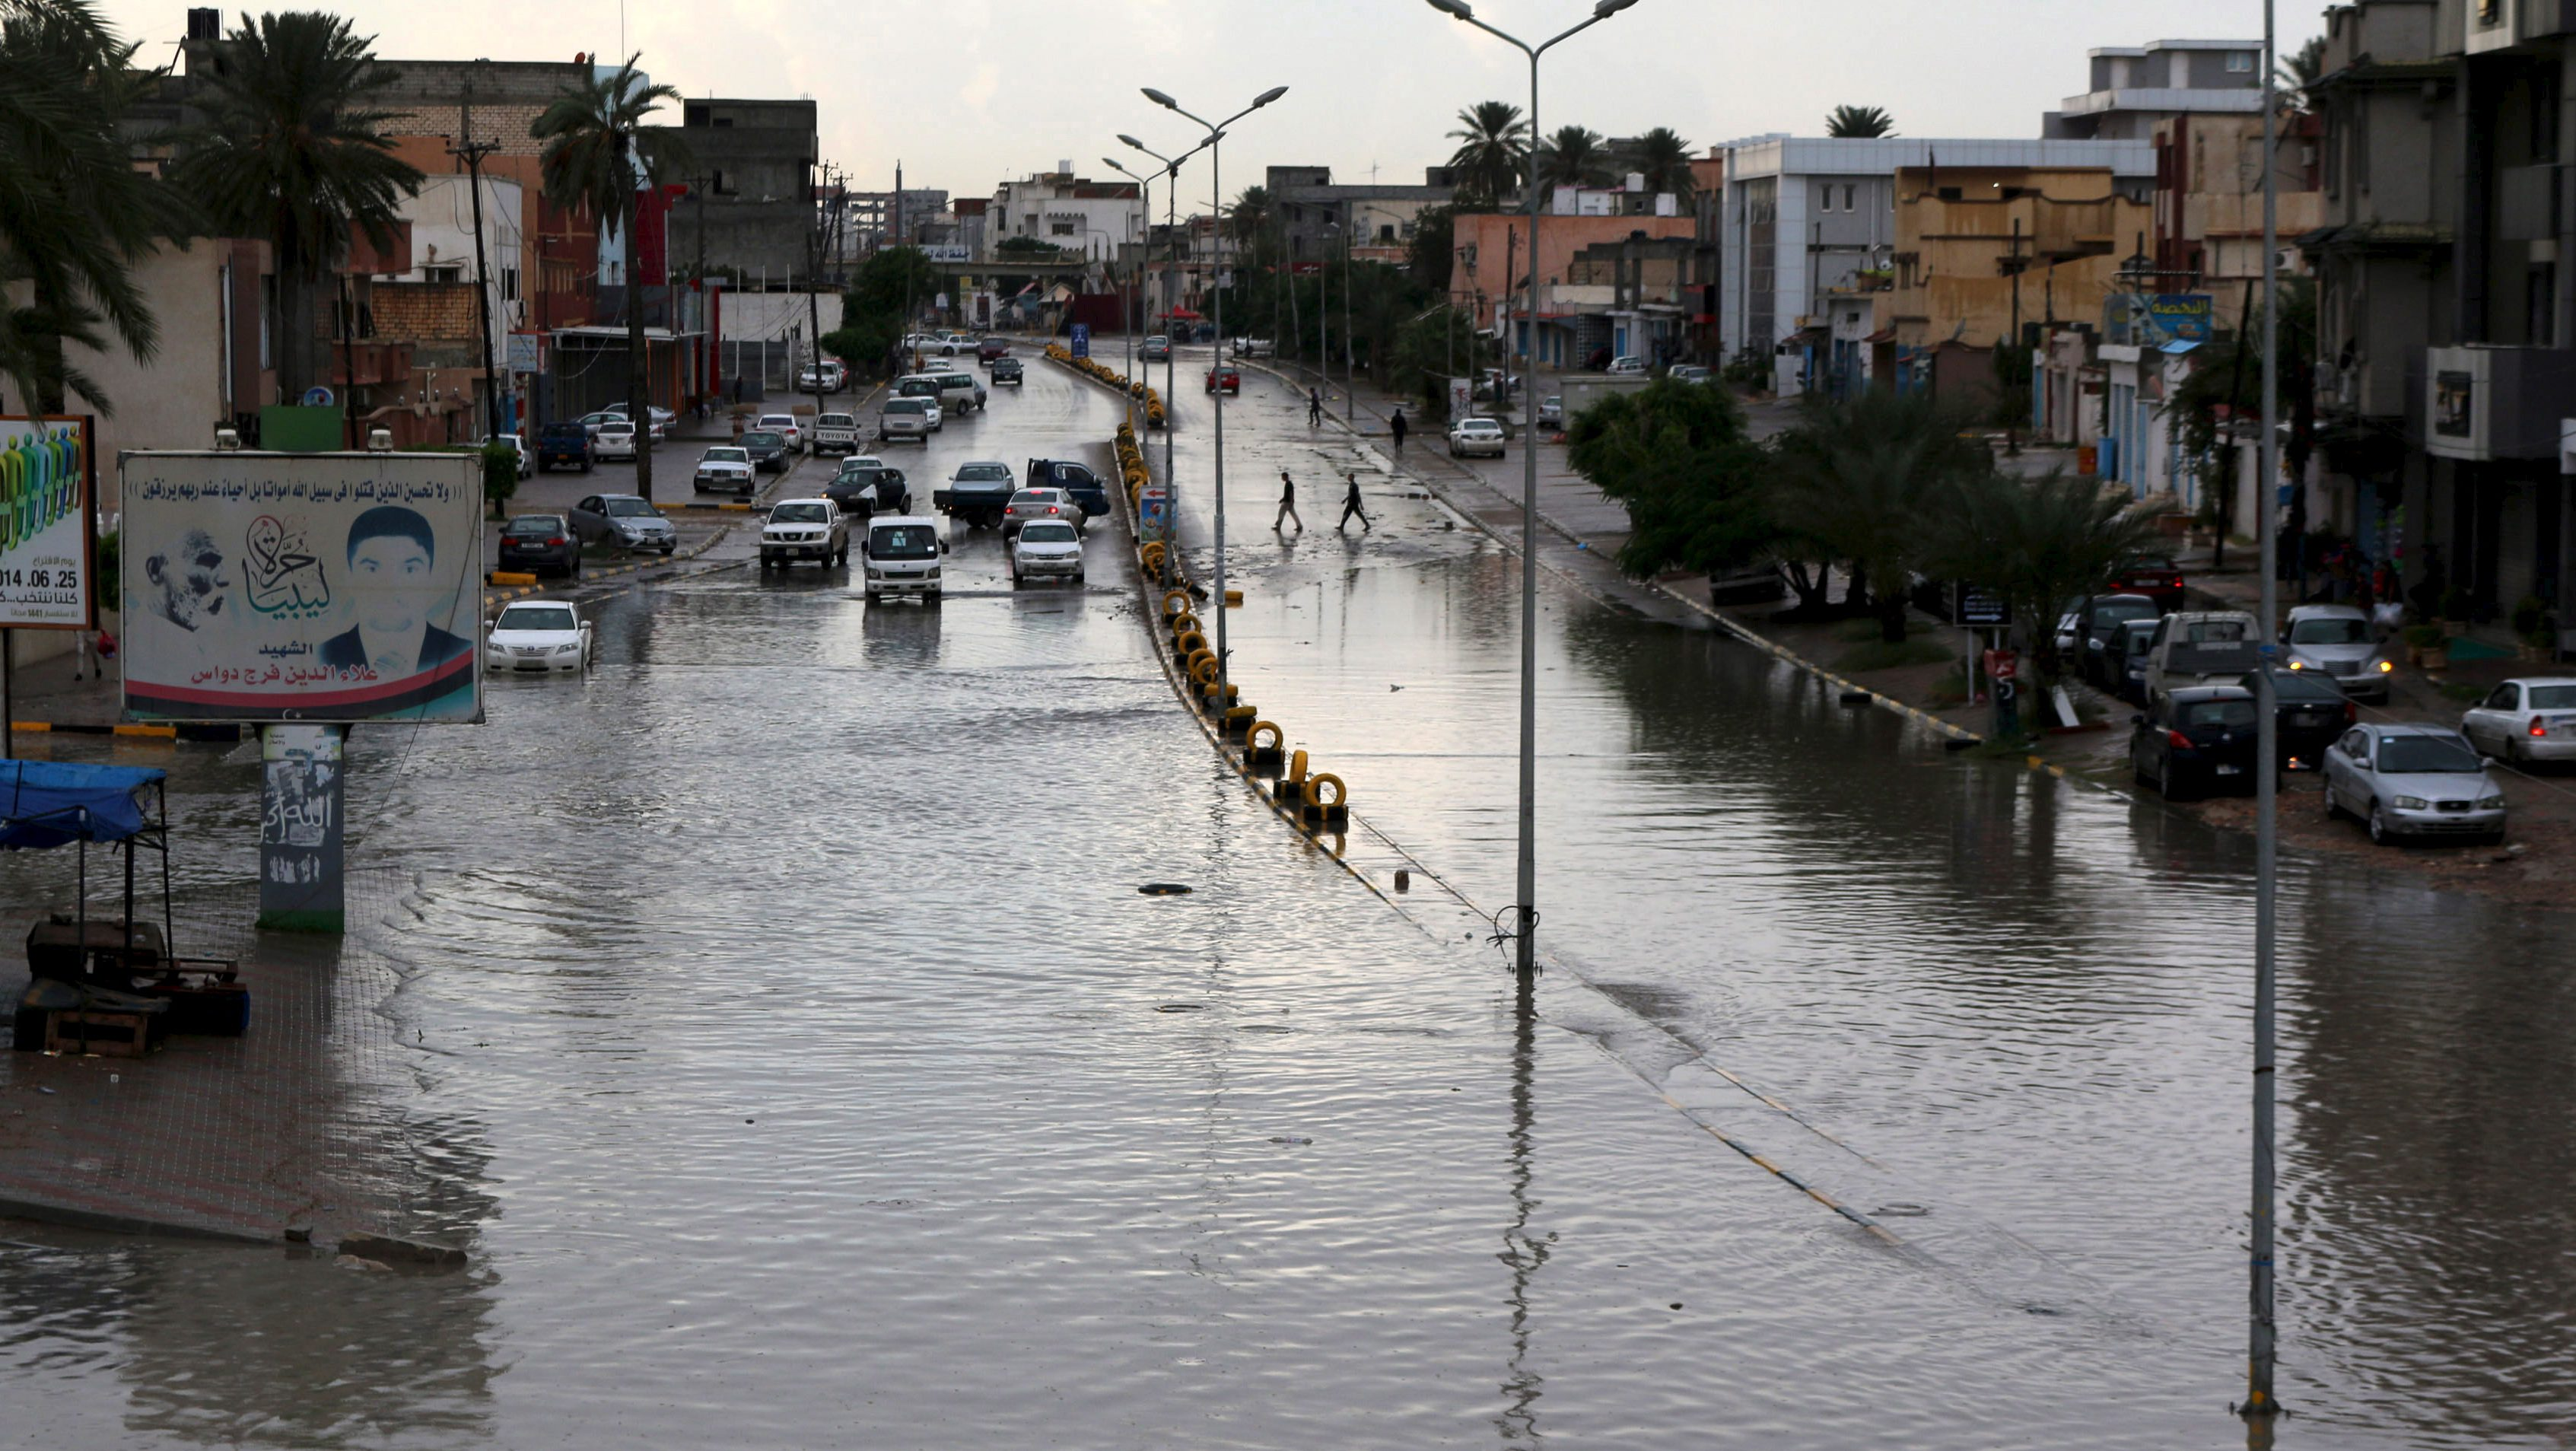 Lagos Abidjan Durban Dar Es Salaam Among Coastal African Cities